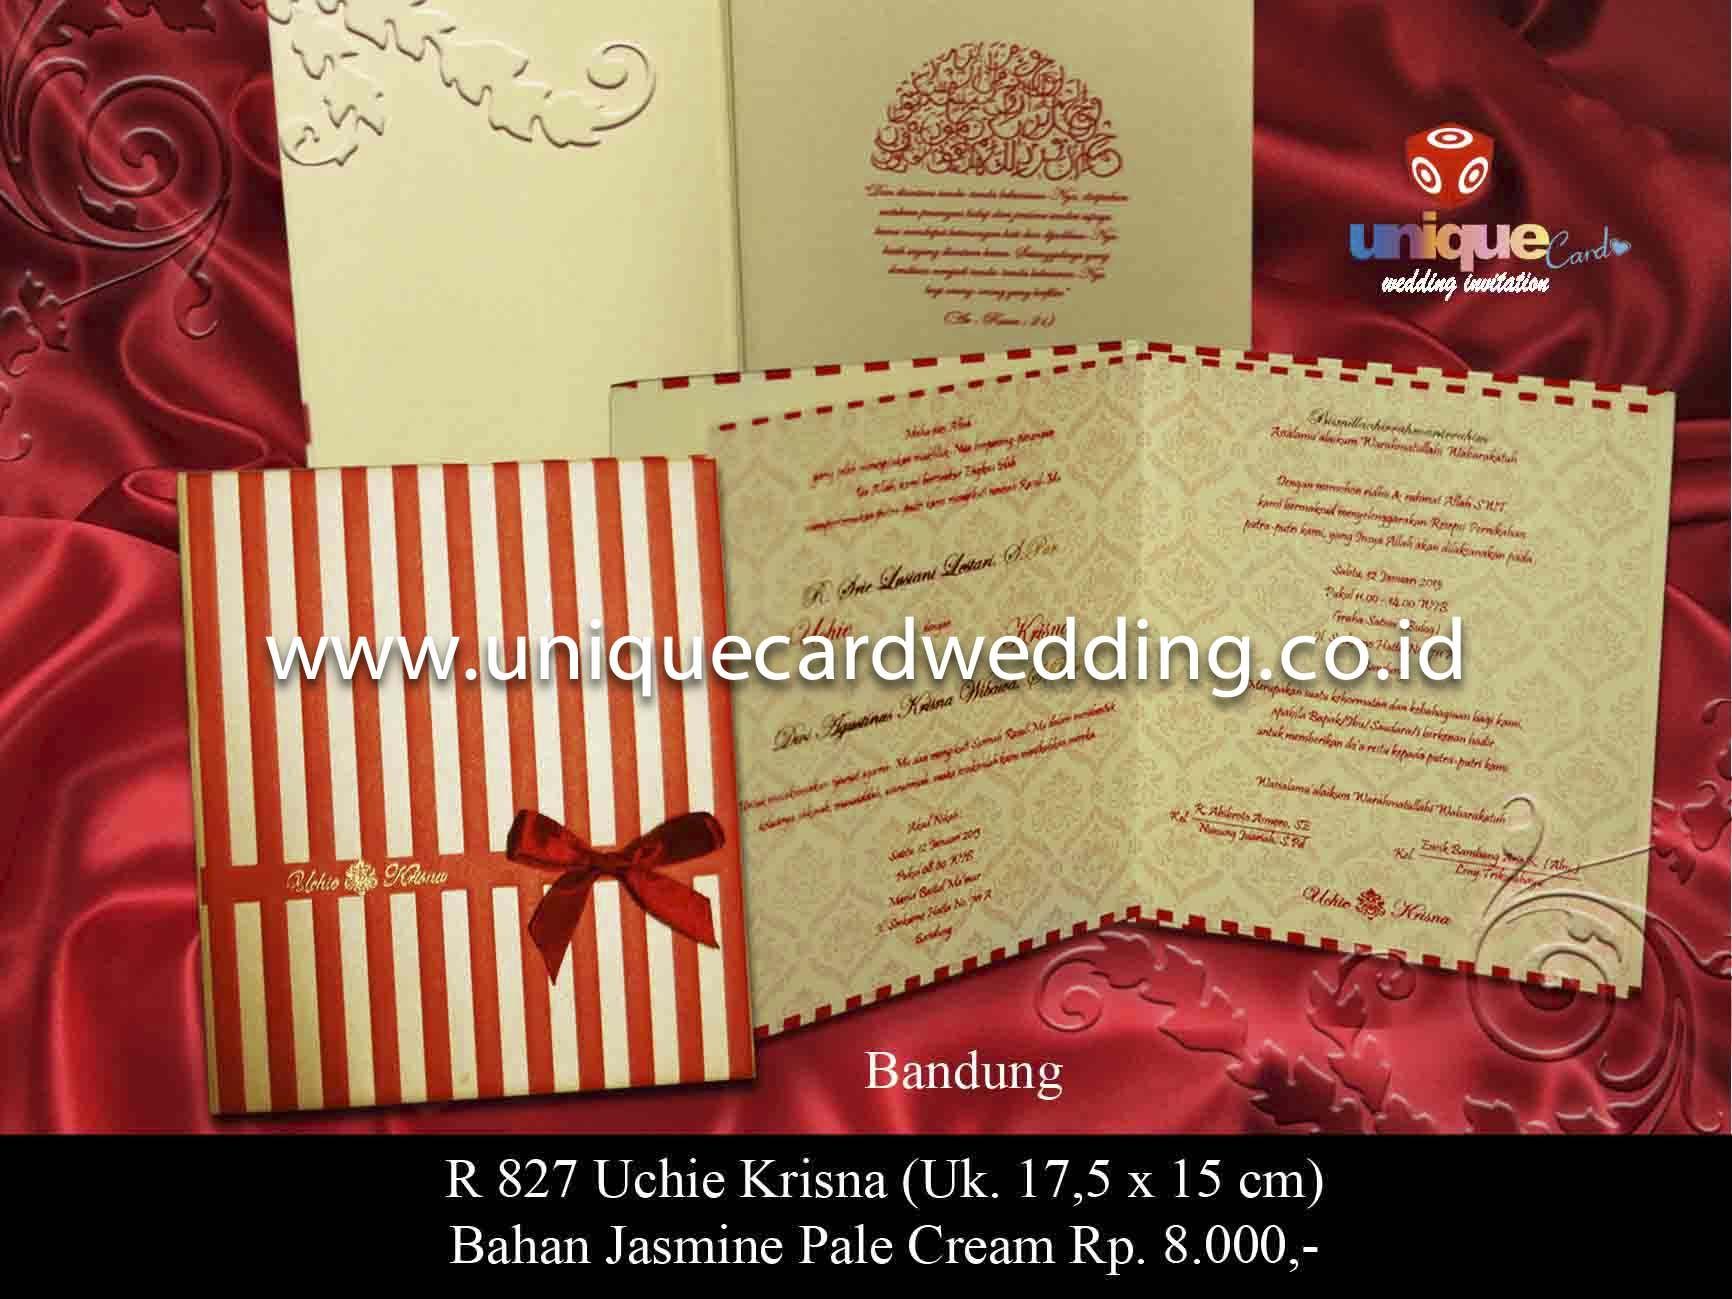 wedding invitation templates for muslim%0A contoh undangan pernikahan  undangan pernikahan unik dan murah  wedding  invitation  wedding cards